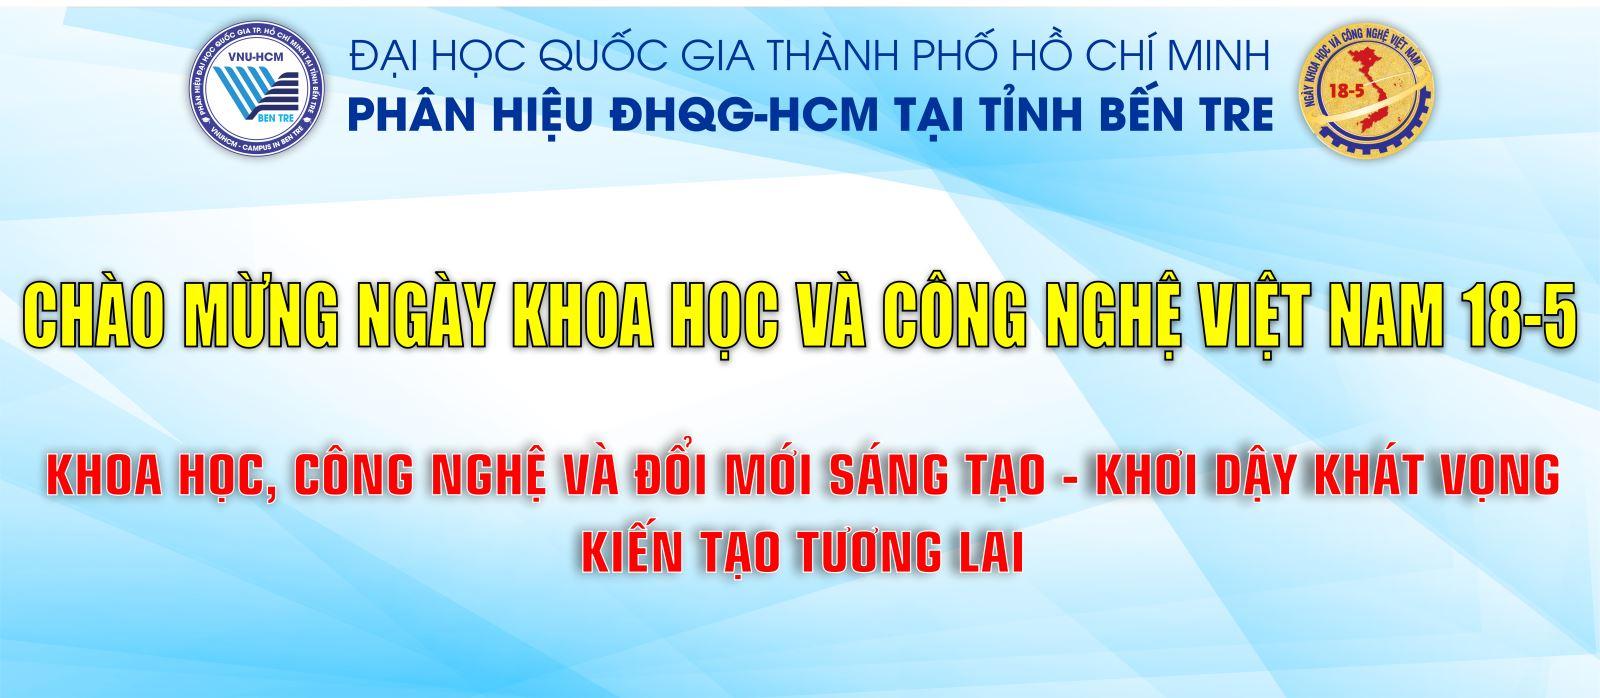 CHÀO MỪNG NGÀY KH&CN VIỆT NAM (18-5)